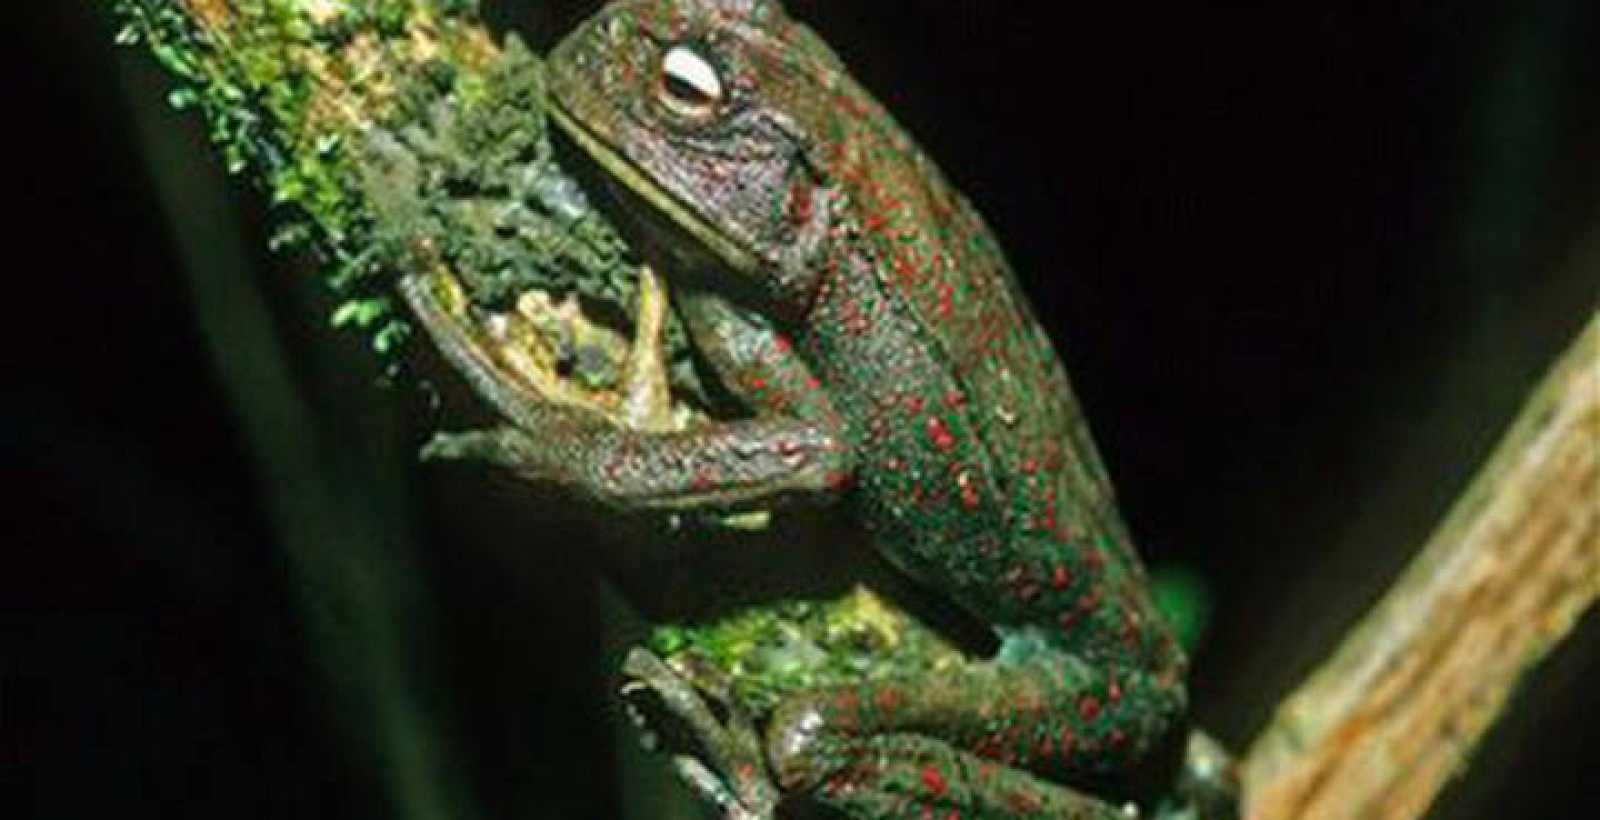 Un ejemplar de las 'ranas marsupiales' de los Andes